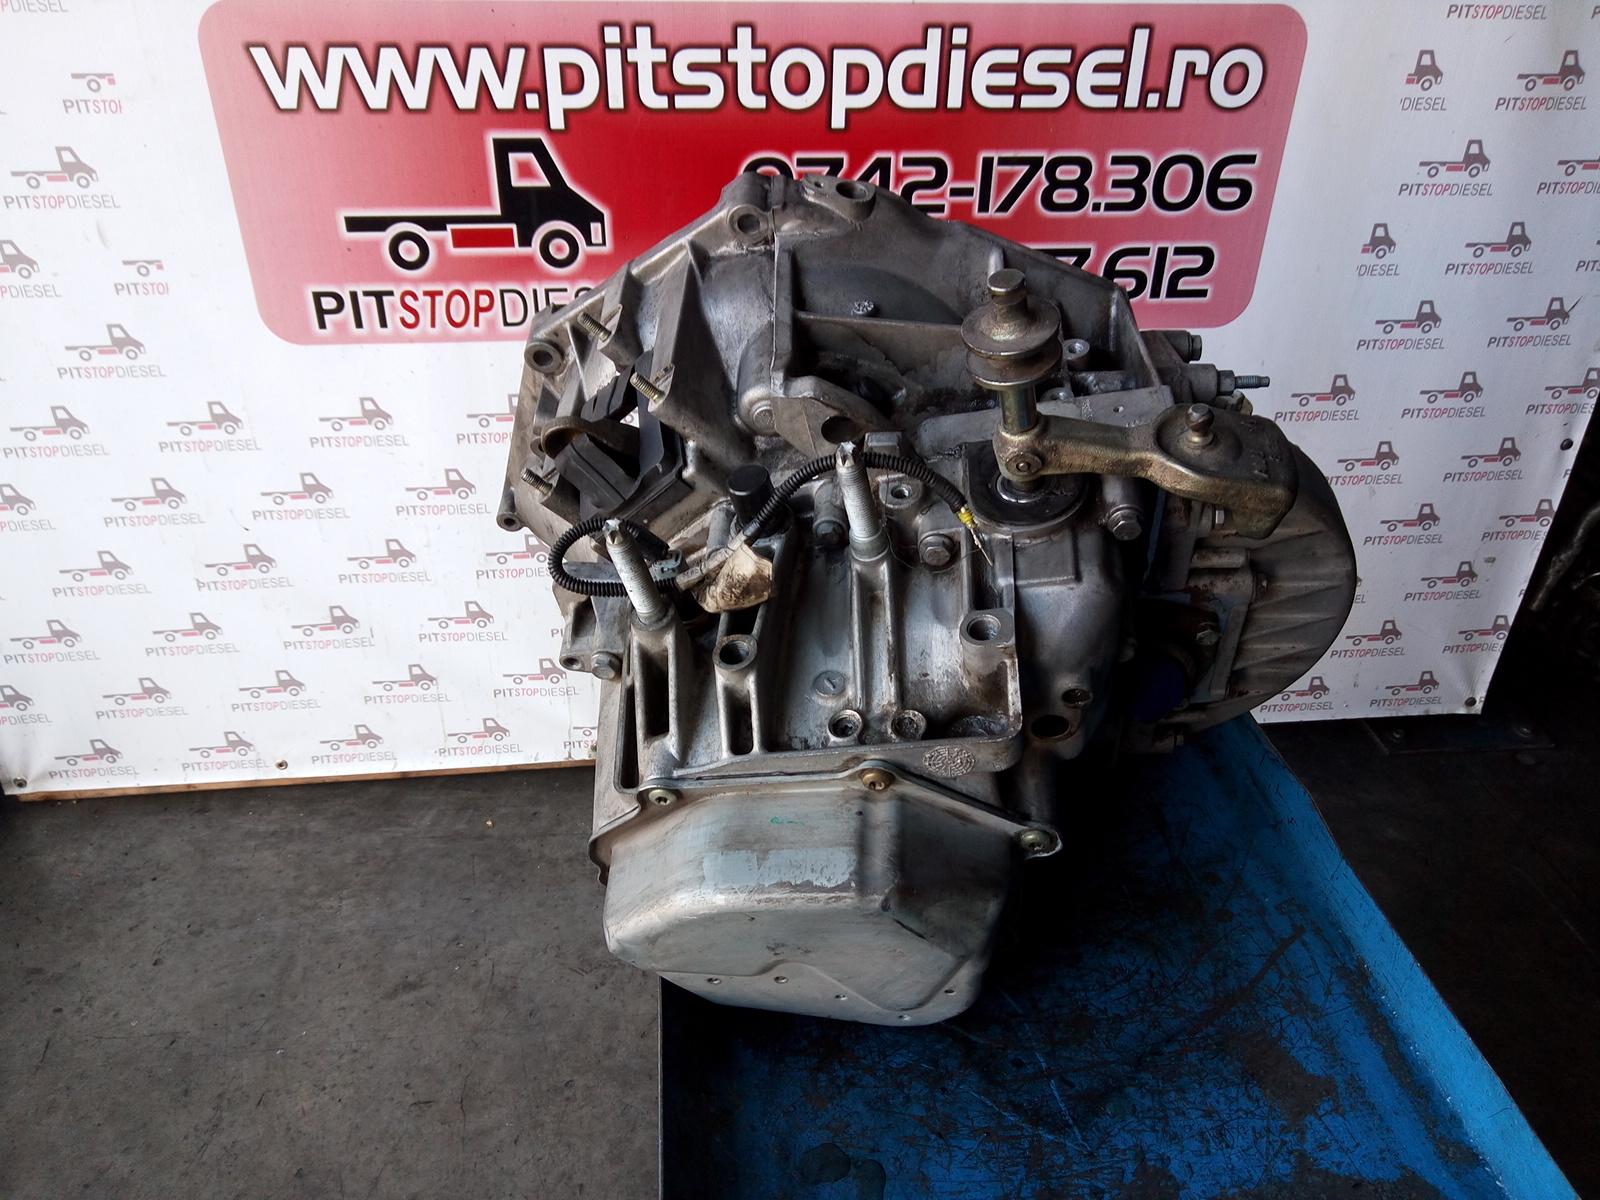 pit stop diesel | pit stop diesel